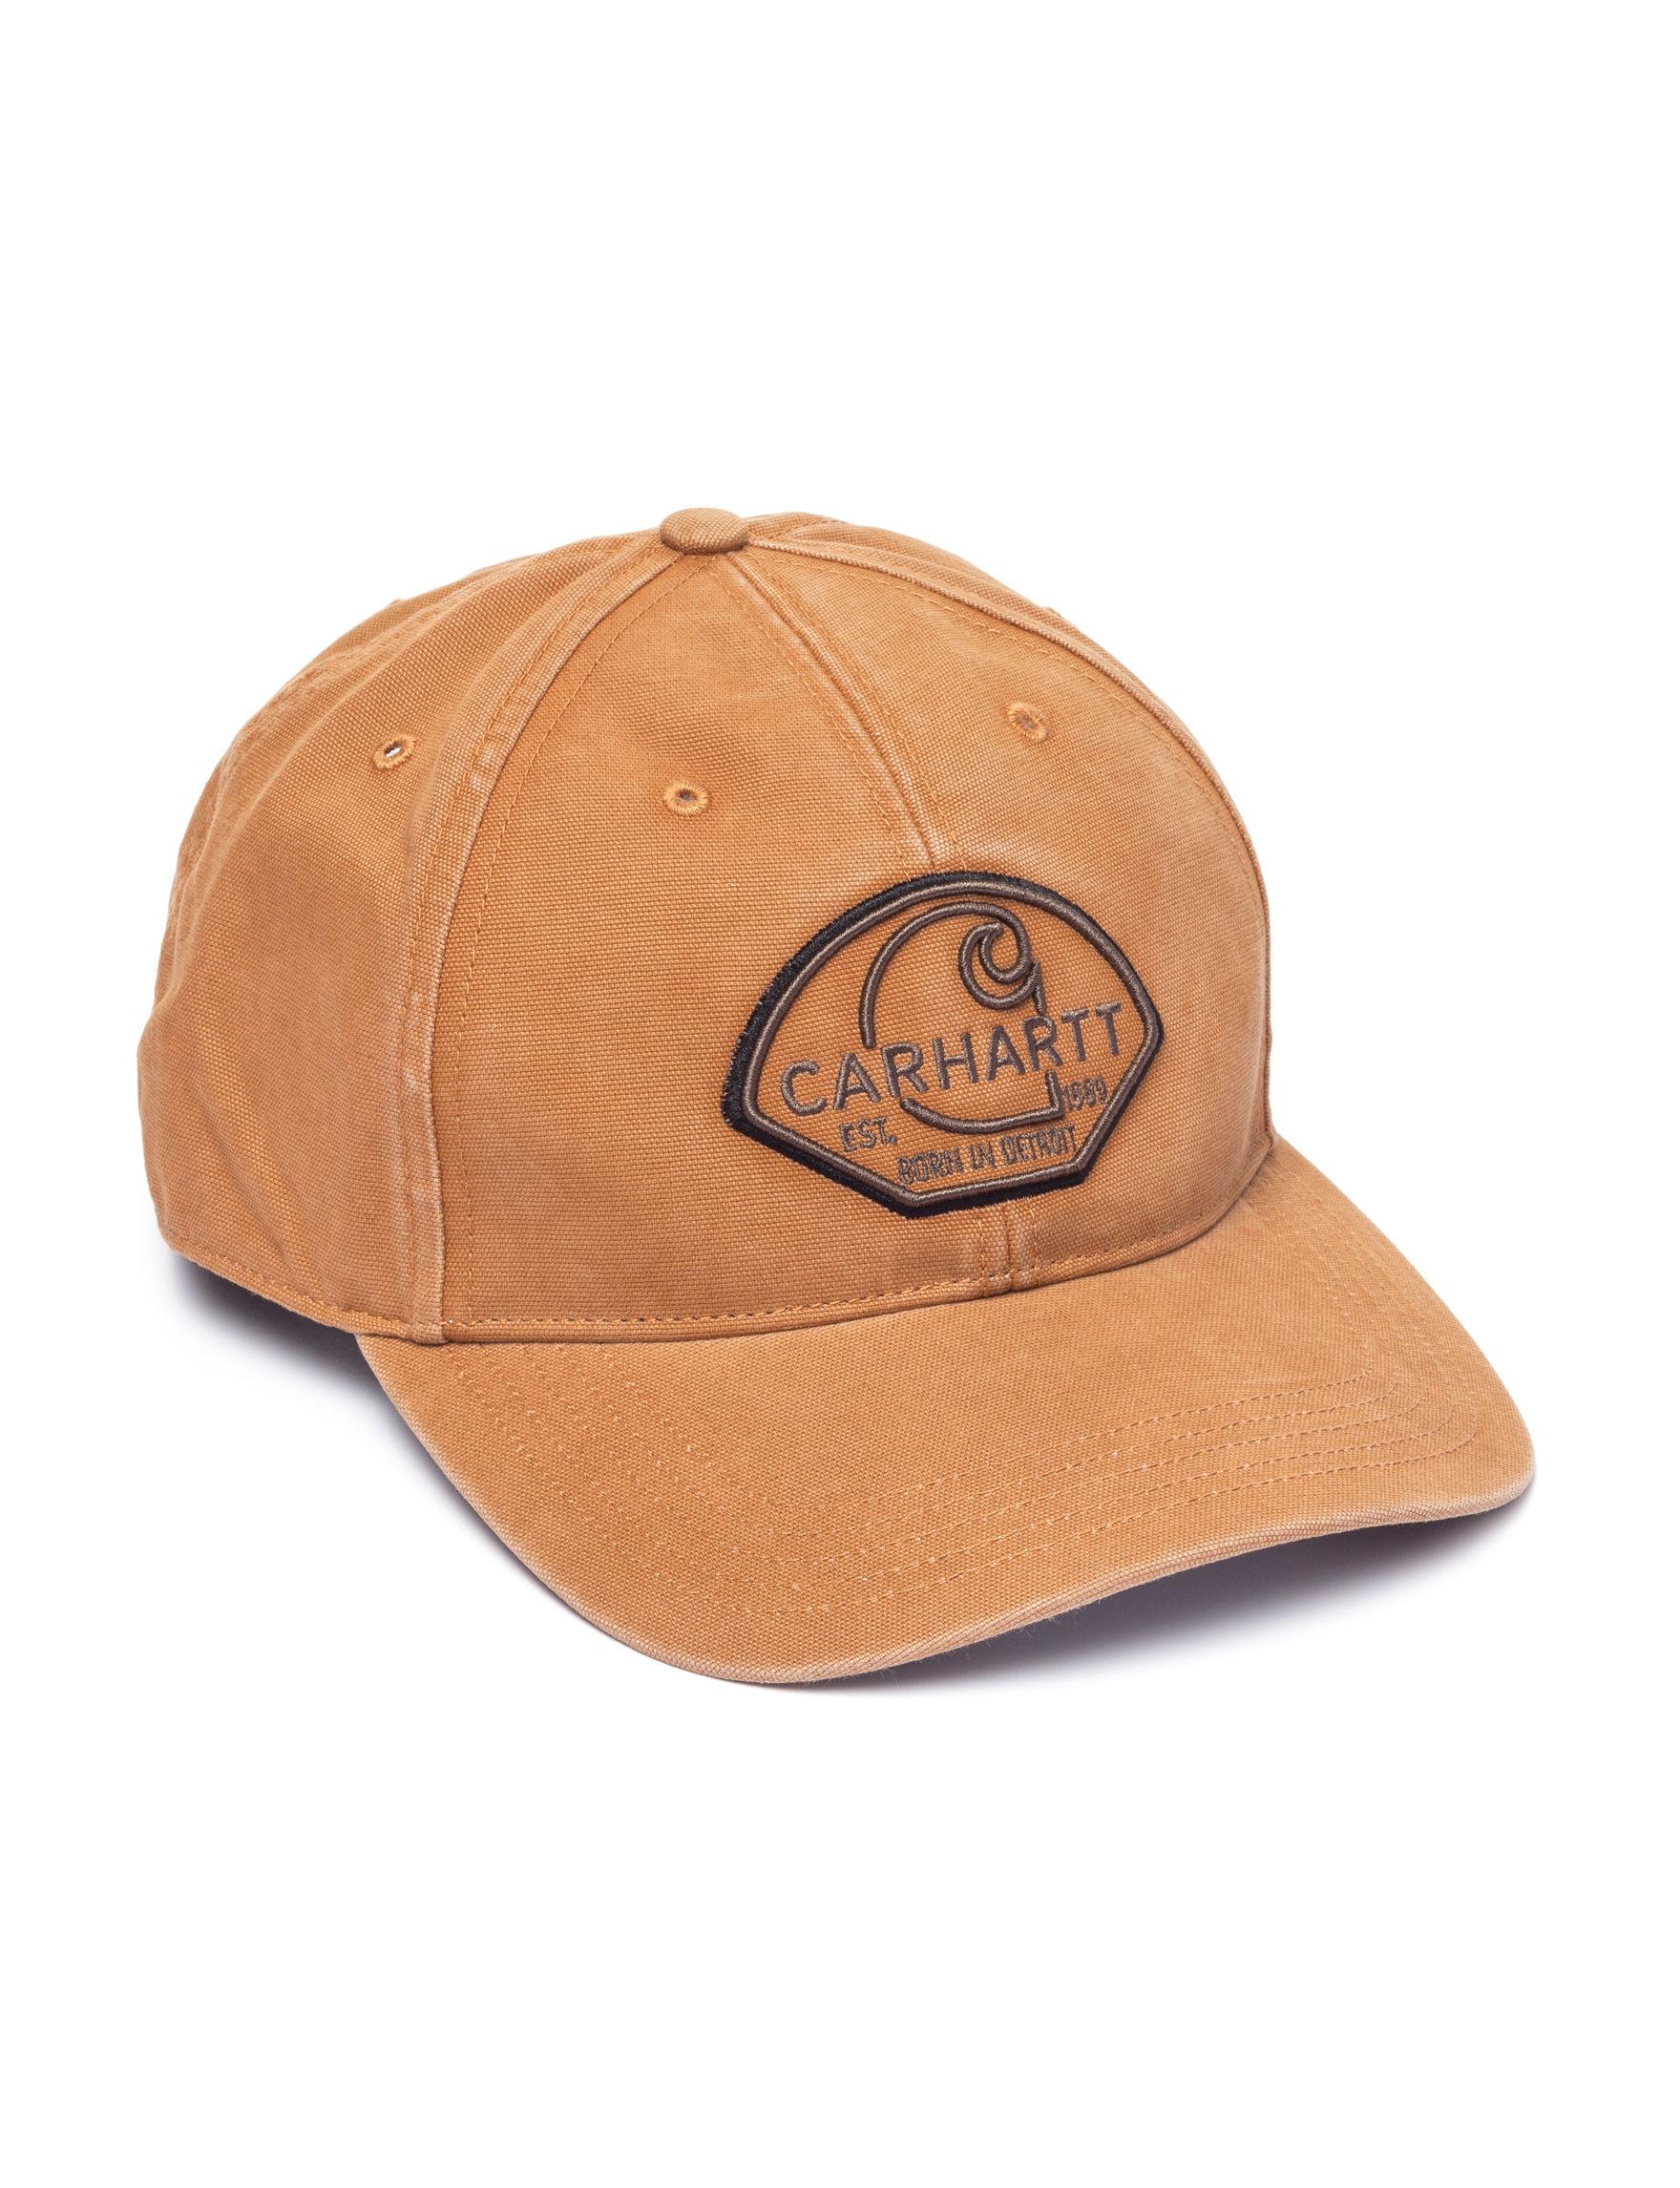 Carhartt Brown Hats & Headwear